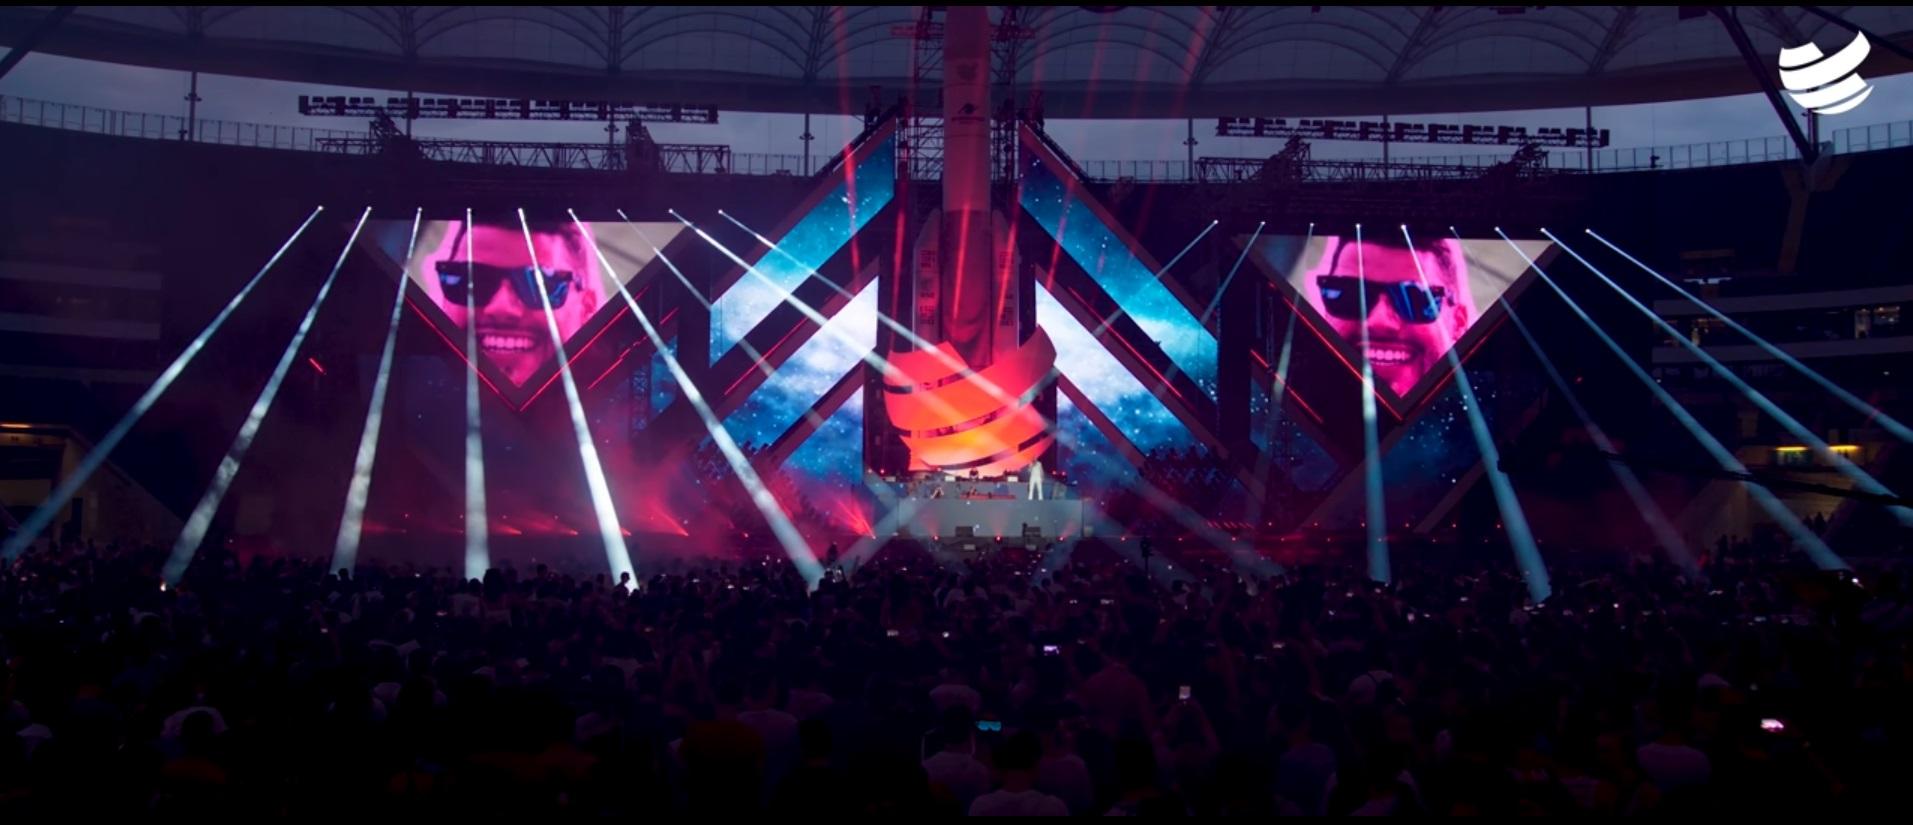 2019 sang JD Wood (Jörg Dewald) bei der Abschlusszeremonie des dreitägigenseinen Big City Beats World Club Dome, für die Jörg Dewald seit vielen Jahren gemeinsam mit Bernd Breiter die Opening und Closing Lasershow-Musik komponiert, seinen eigenen Song While The Last Song Plays vor ca. 60.000 Zuschauern in der Commerzbank-Arena in Frankfurt.